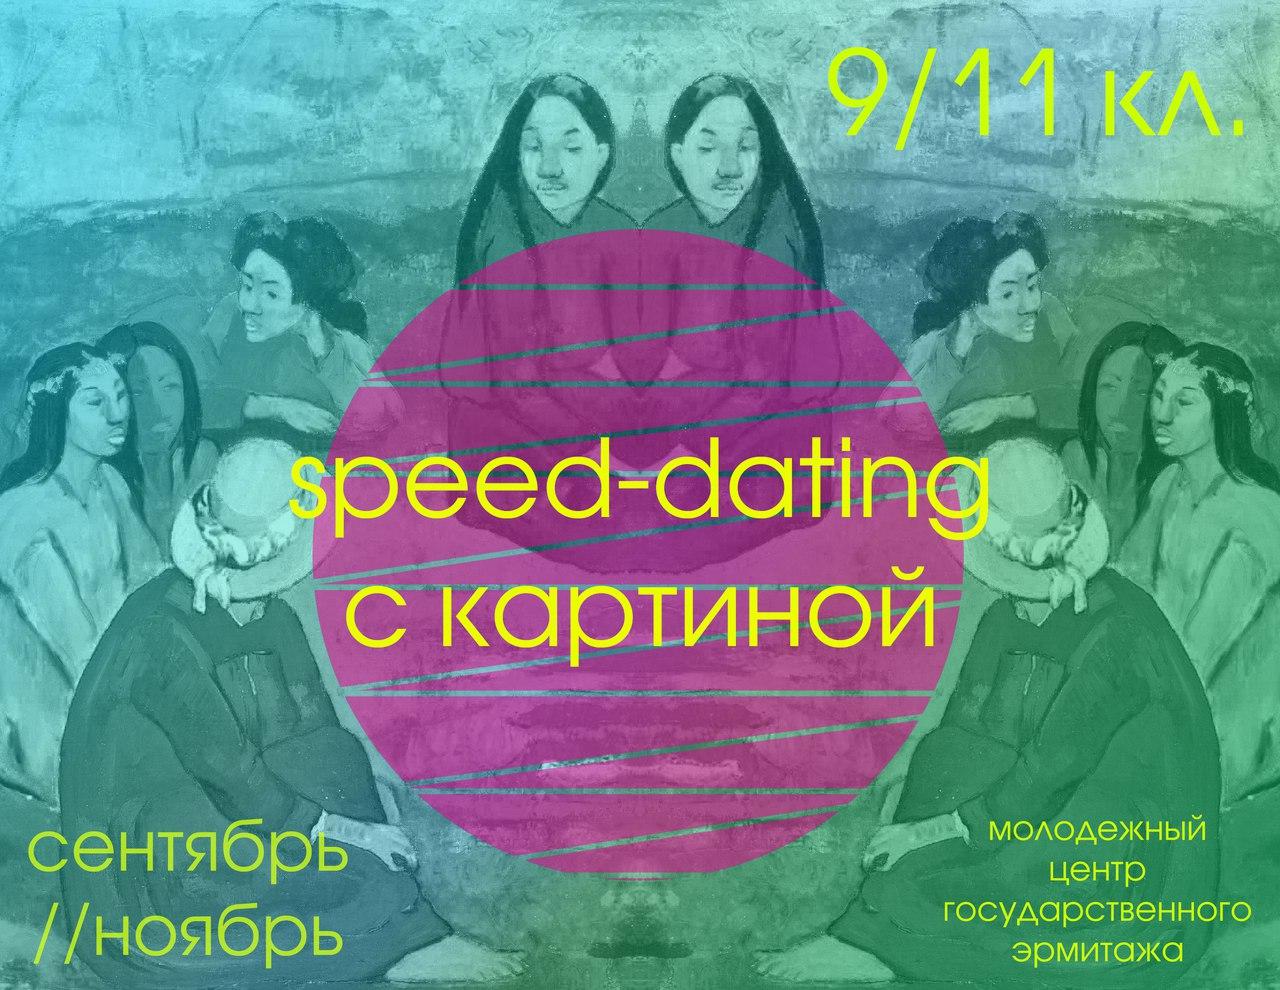 """Проект """"Speed-dating с картиной"""", источник фото: vk.com"""